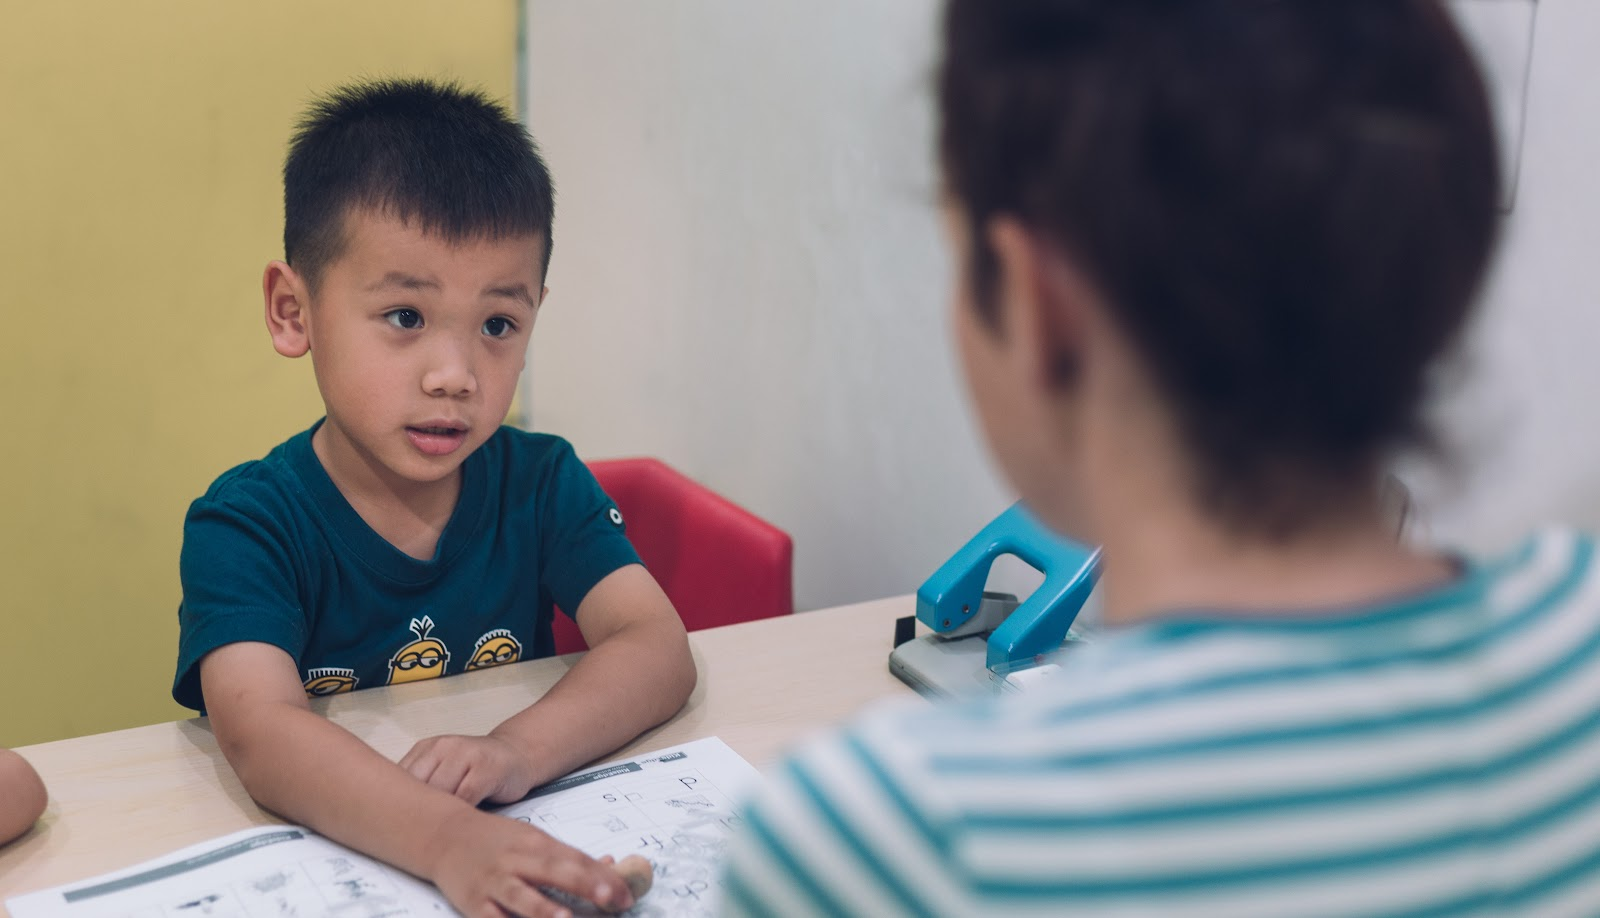 Afbeeldingsresultaat voor interview child